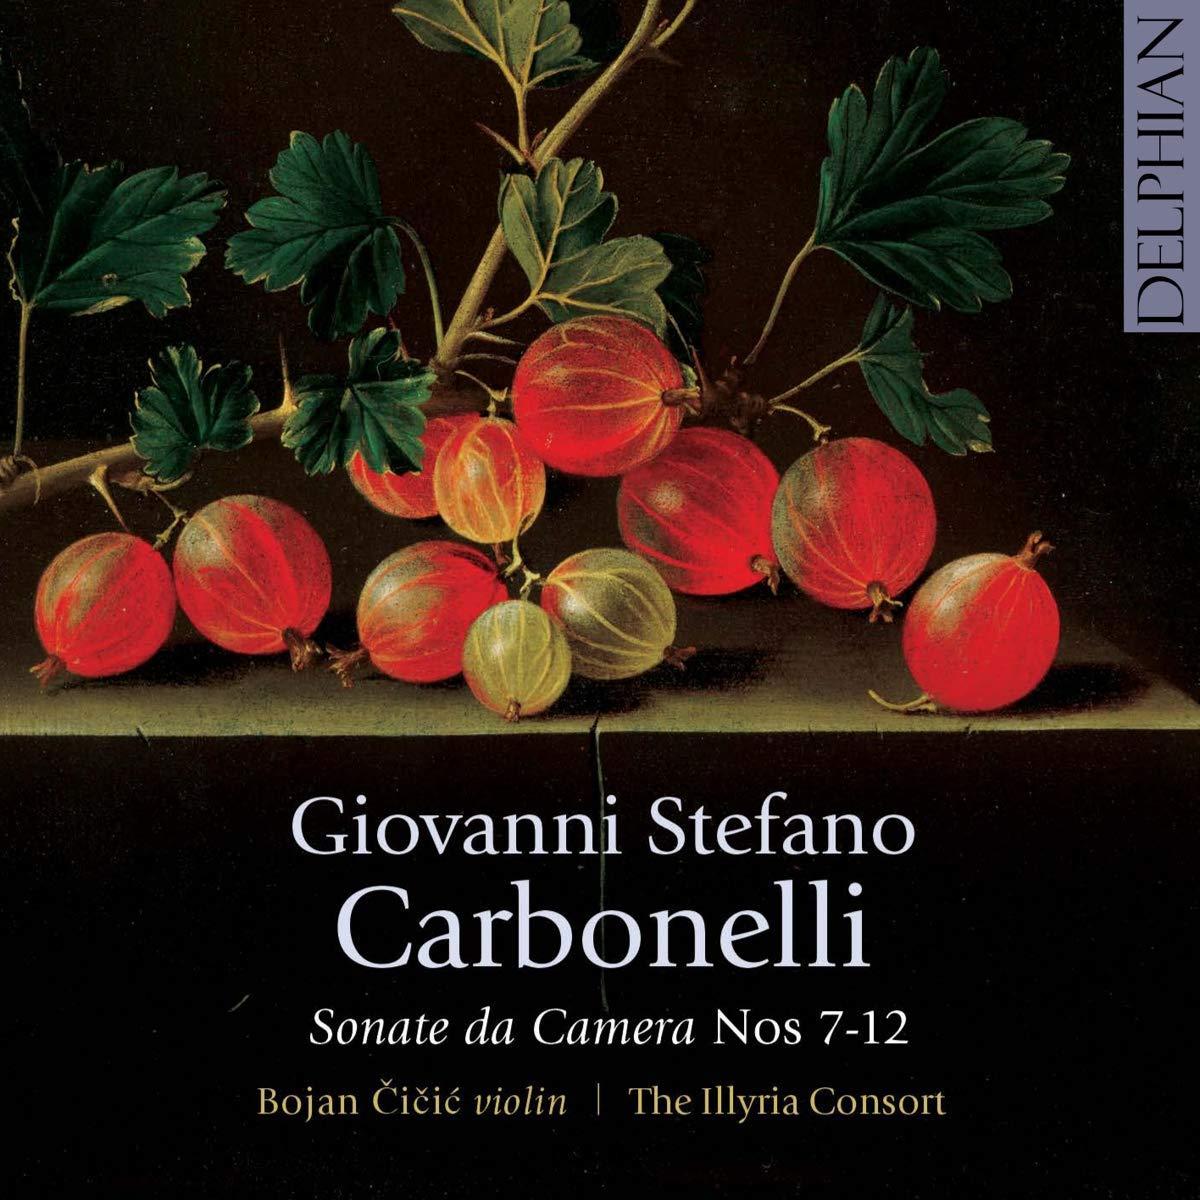 Carbonelli2cover.jpg